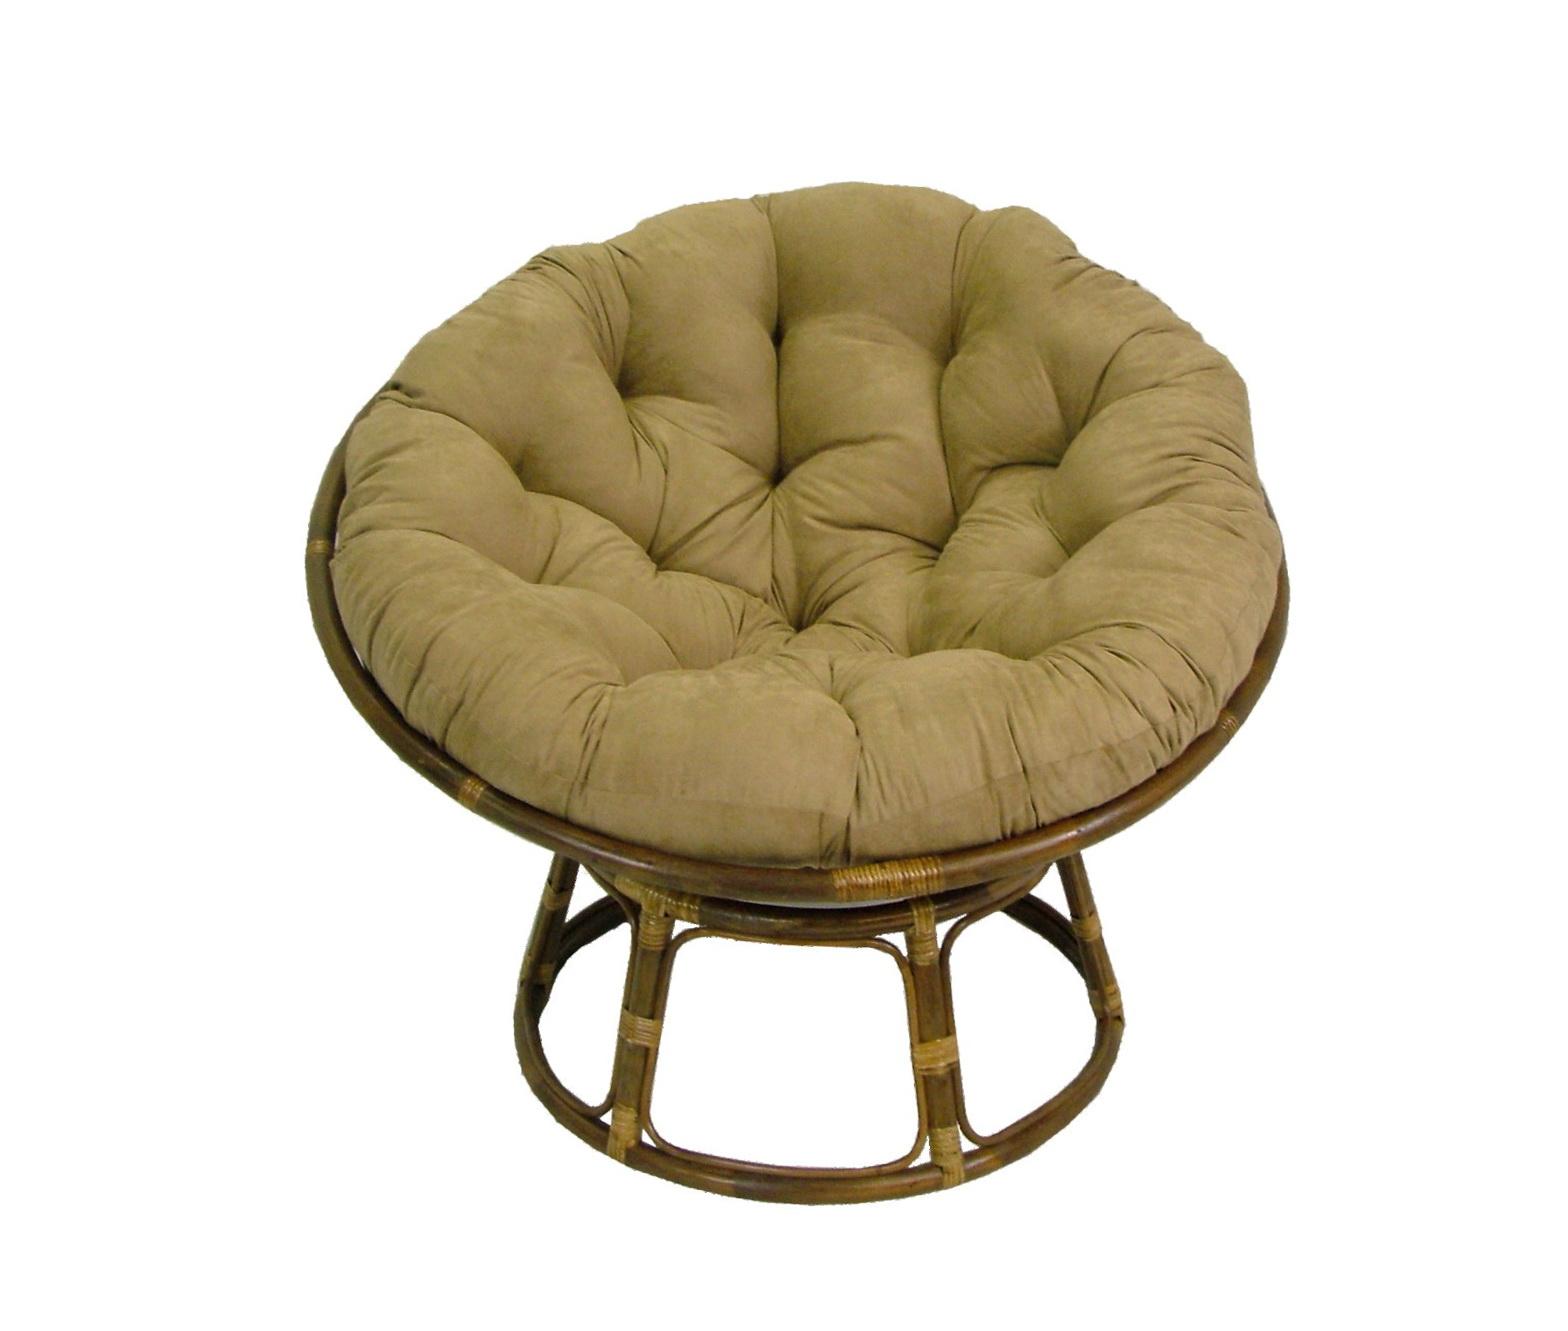 papasan chair cushions pier 1 home design ideas. Black Bedroom Furniture Sets. Home Design Ideas